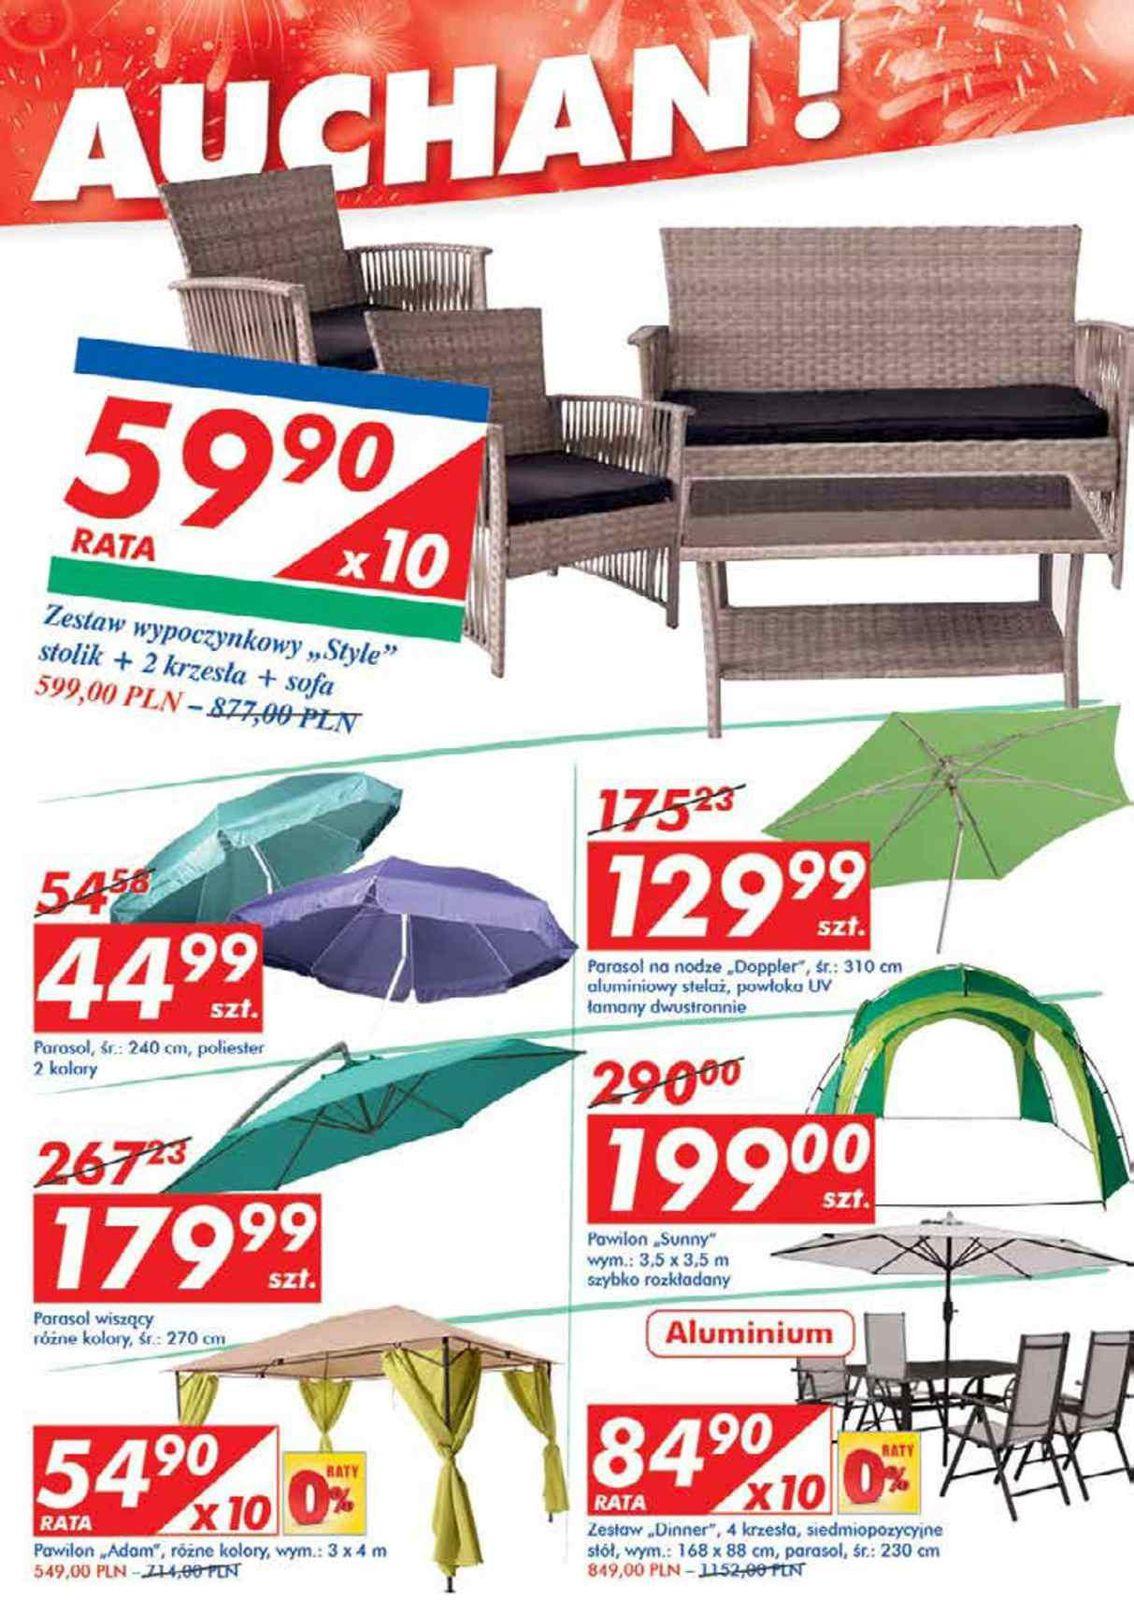 Gazetka promocyjna i reklamowa Auchan,